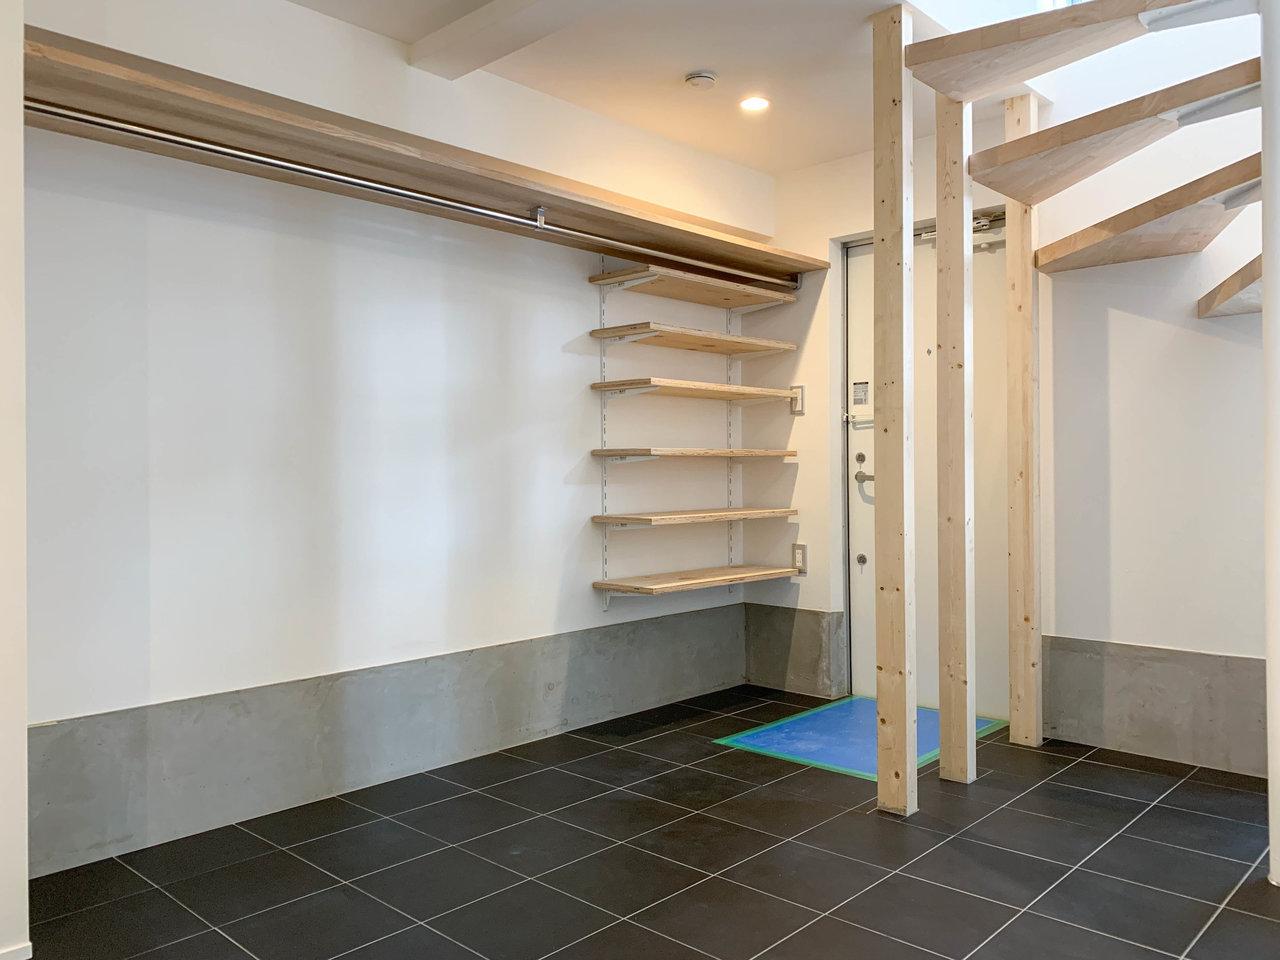 玄関のある1階にはオープンタイプの収納棚が。かなり広々と使えそうです。土間になっているので、自転車やアウトドア用品なども気兼ねなく置けそうです。